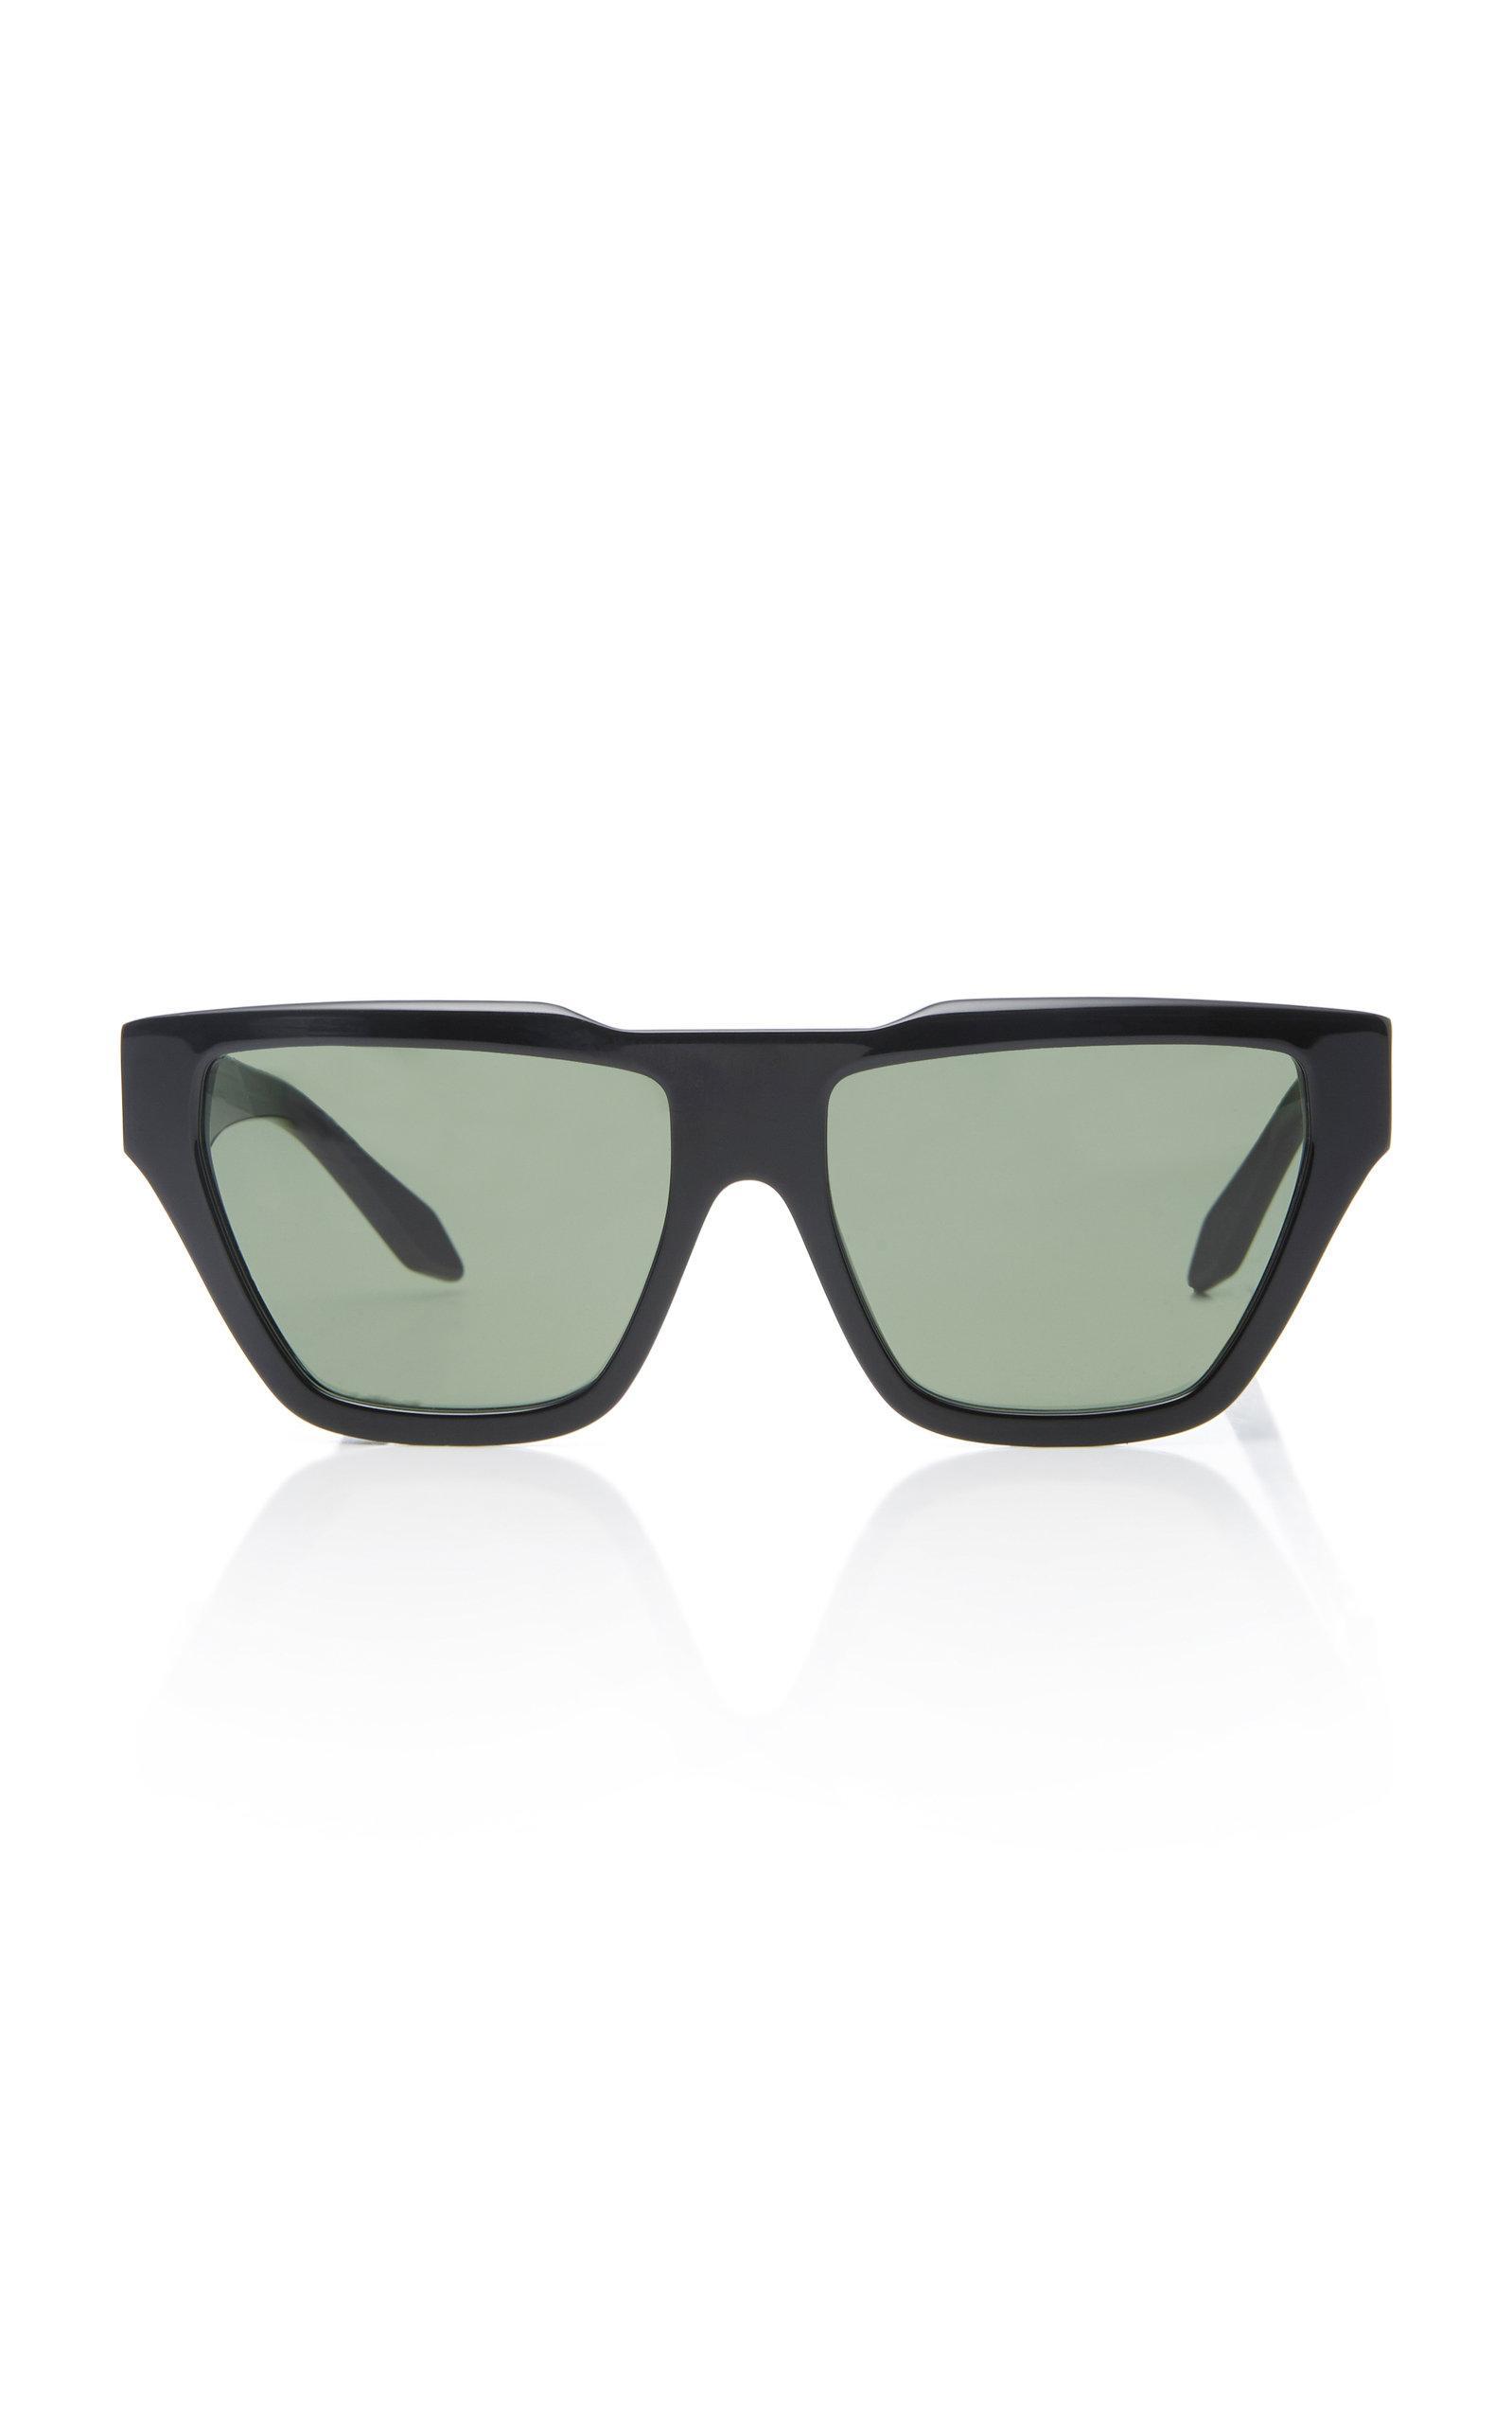 0d2d9f5edf Victoria Beckham Square Cat Sunglasses In Black